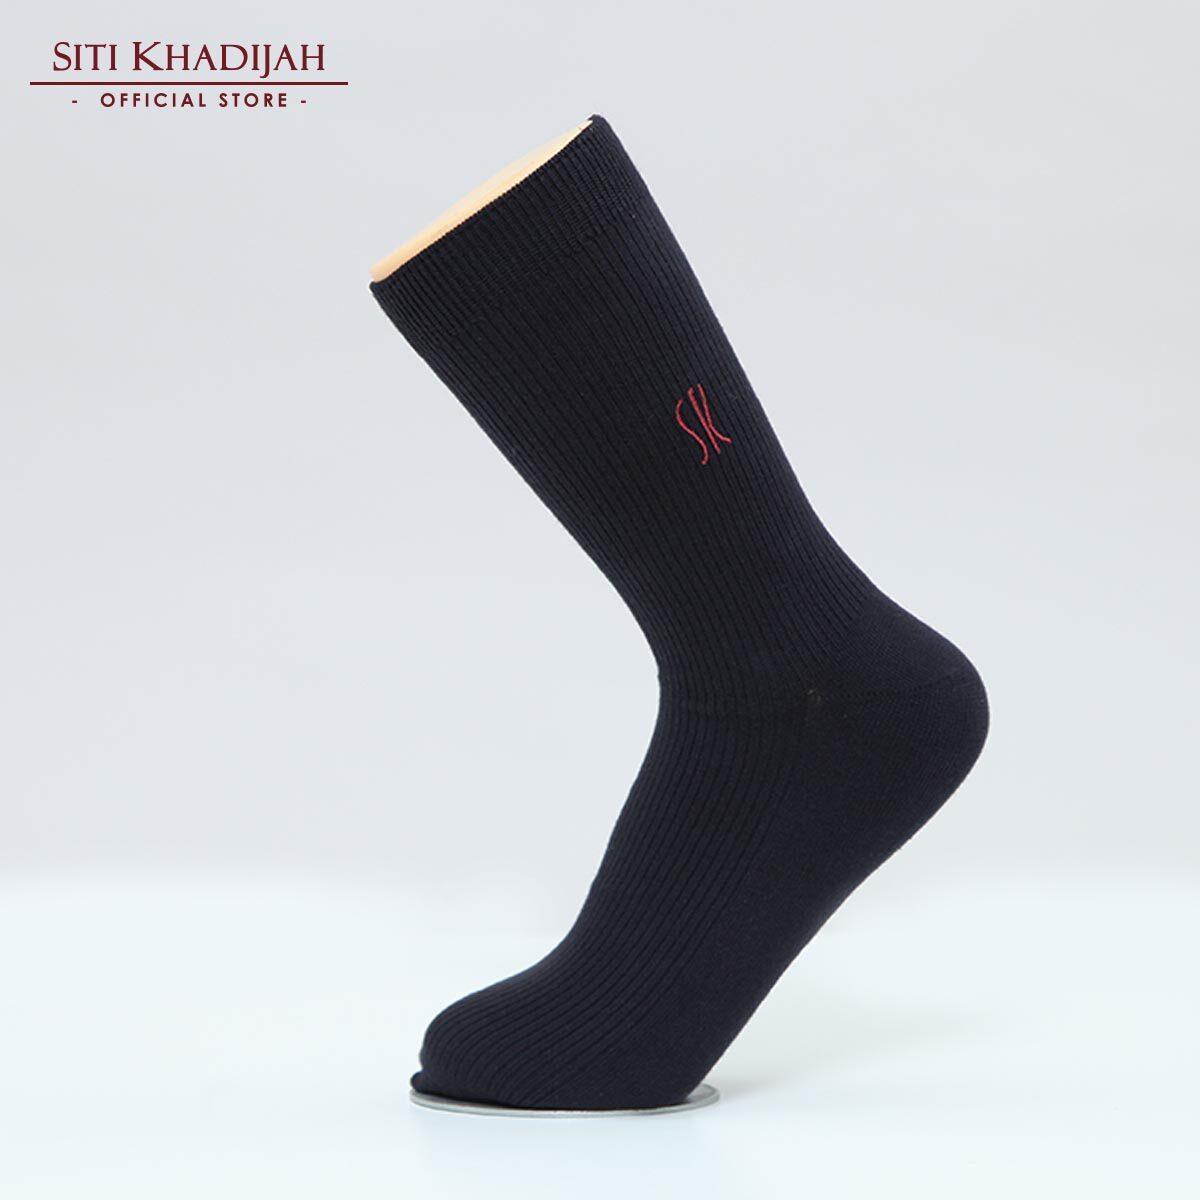 Siti Khadijah - Black Ribbed Socks